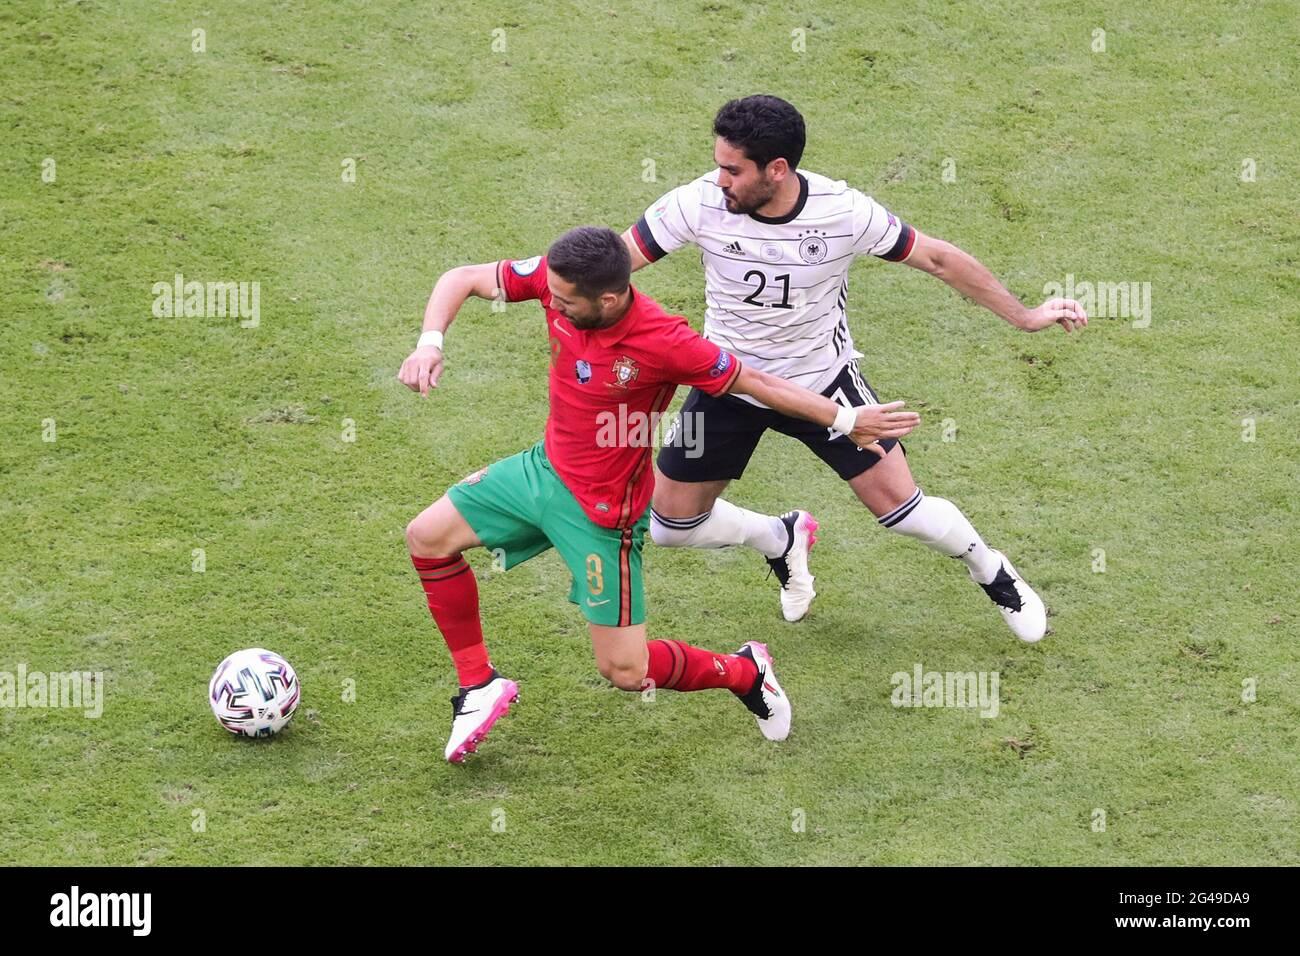 Munich, Allemagne. 19 juin 2021. Ilkay Guendogan (R) d'Allemagne rivalise avec Joao Moutinho du Portugal lors du championnat UEFA Euro 2020 du groupe F à Munich, Allemagne, le 19 juin 2021. Credit: Shan Yuqi/Xinhua/Alay Live News Banque D'Images